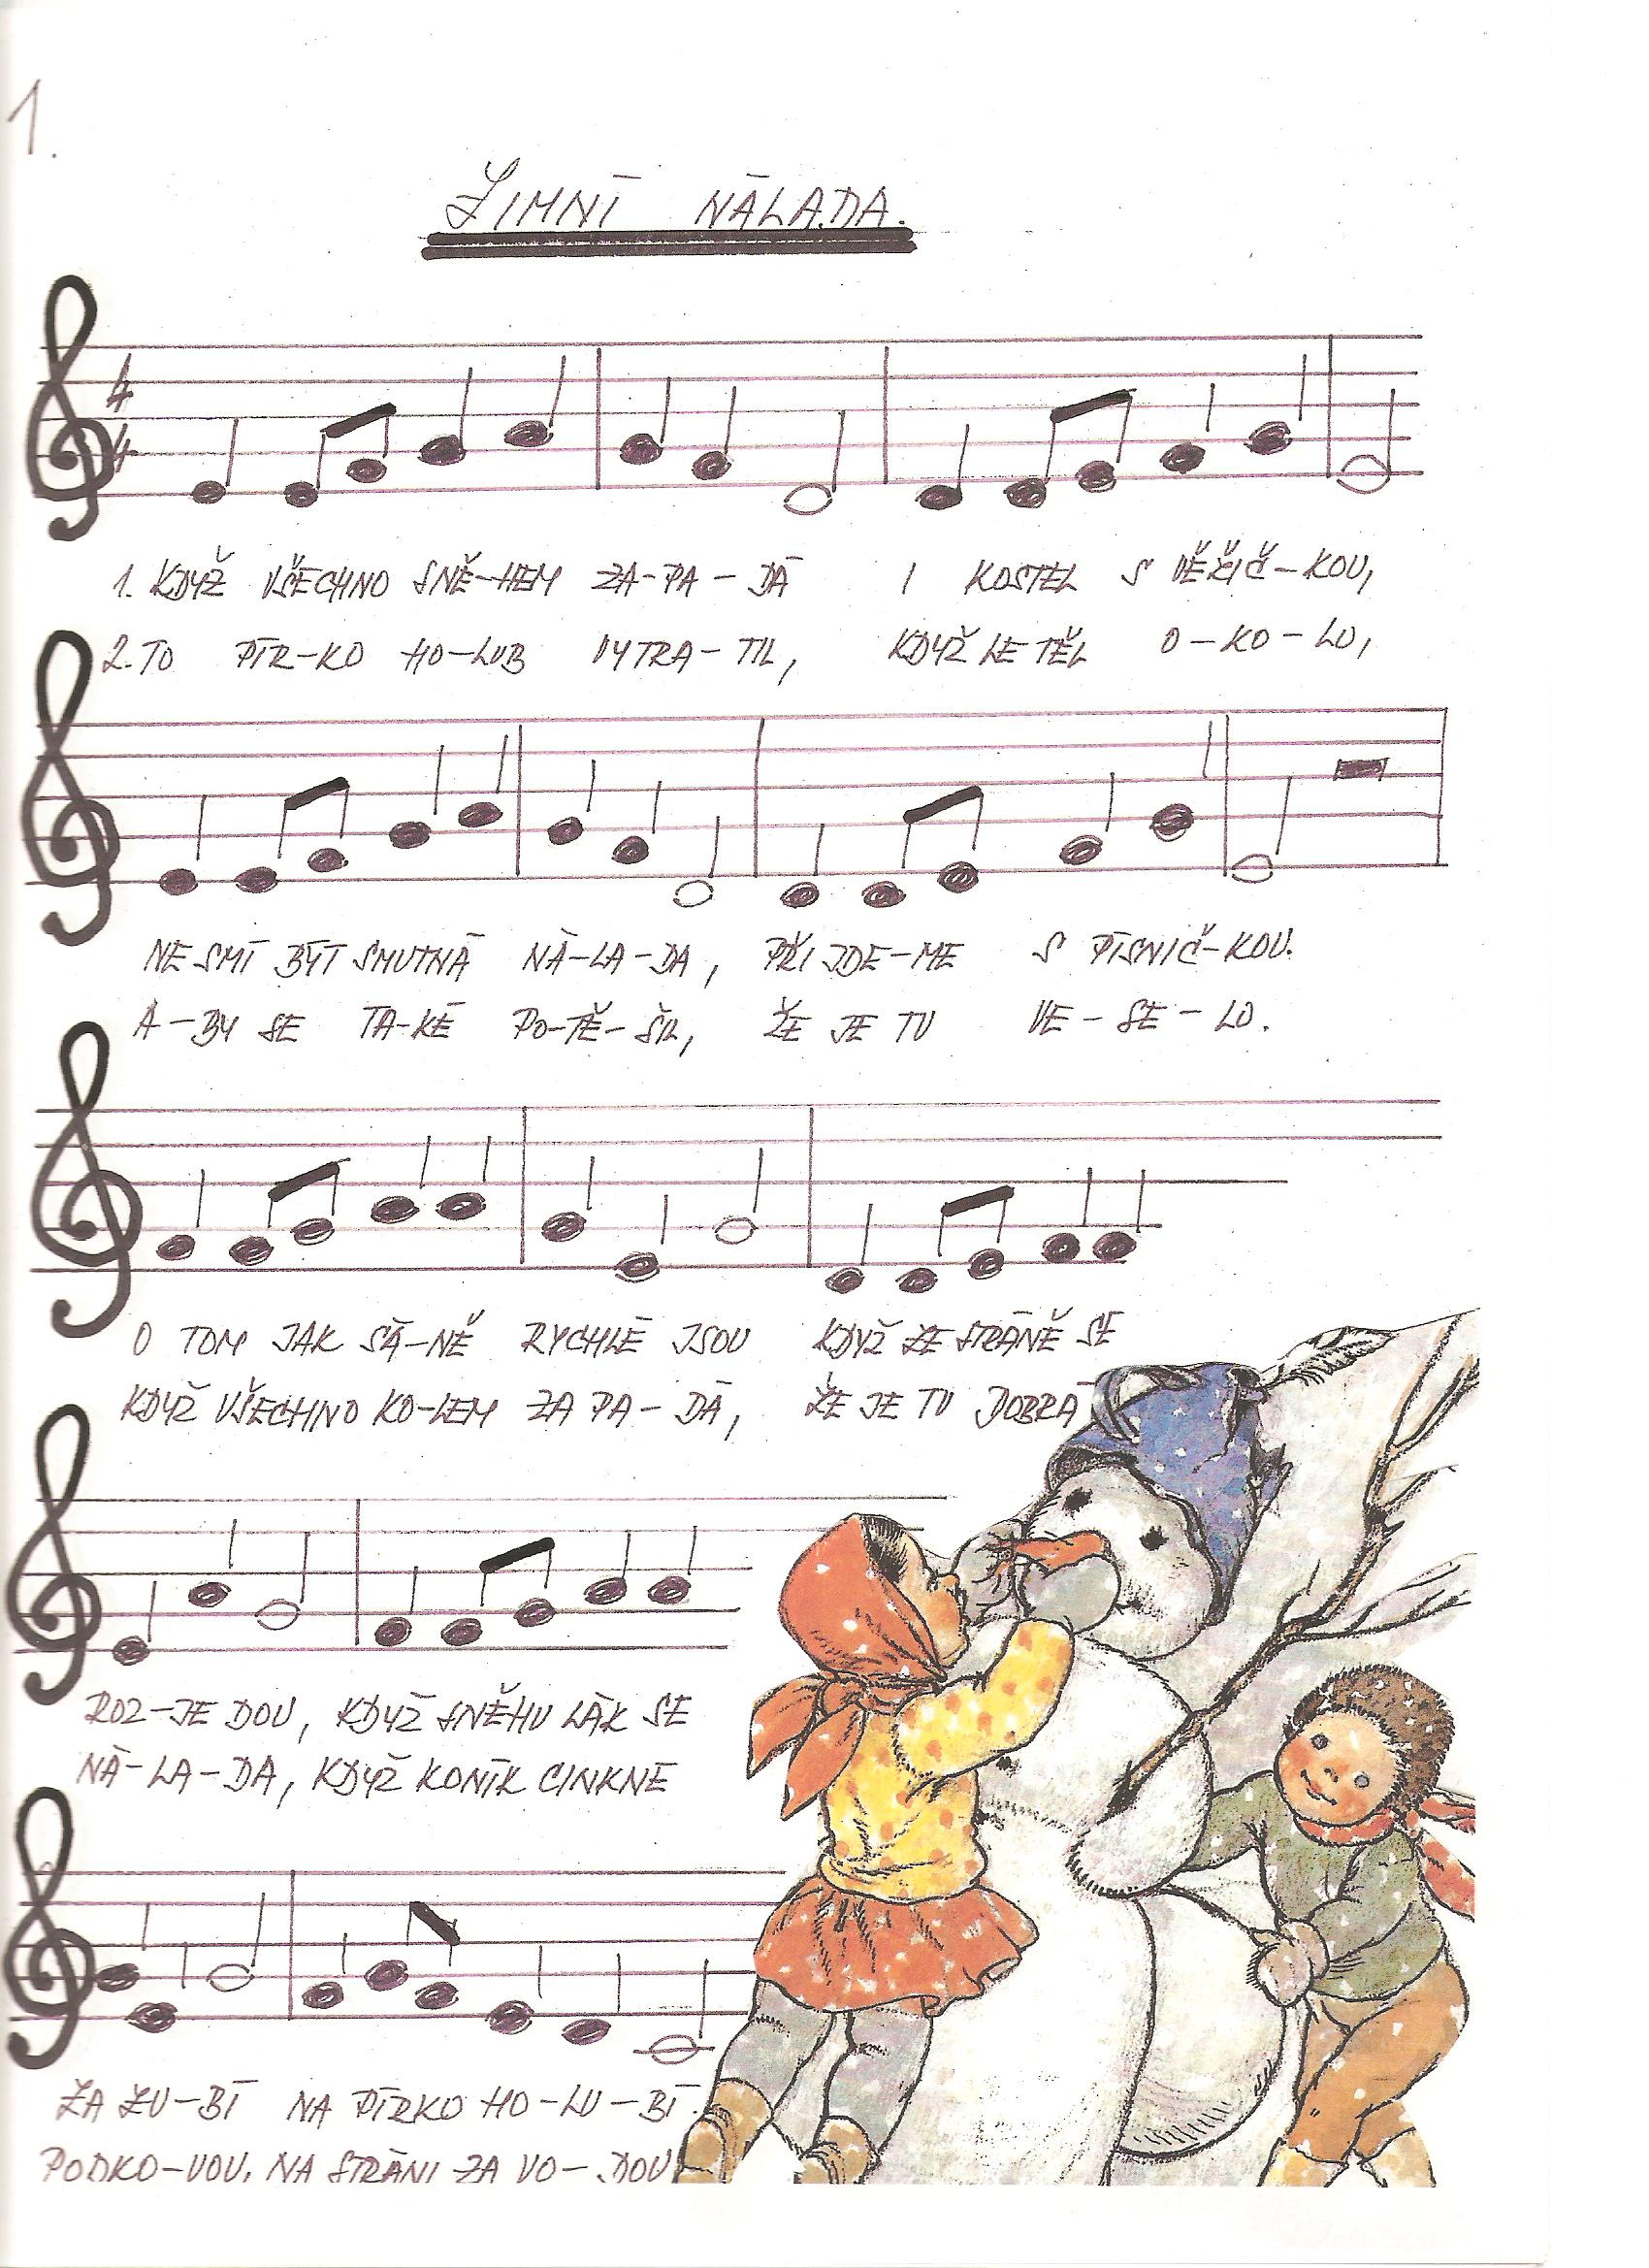 Pisnicky Hudebni Vychova Archives Page 4 Of 5 Predskolaci